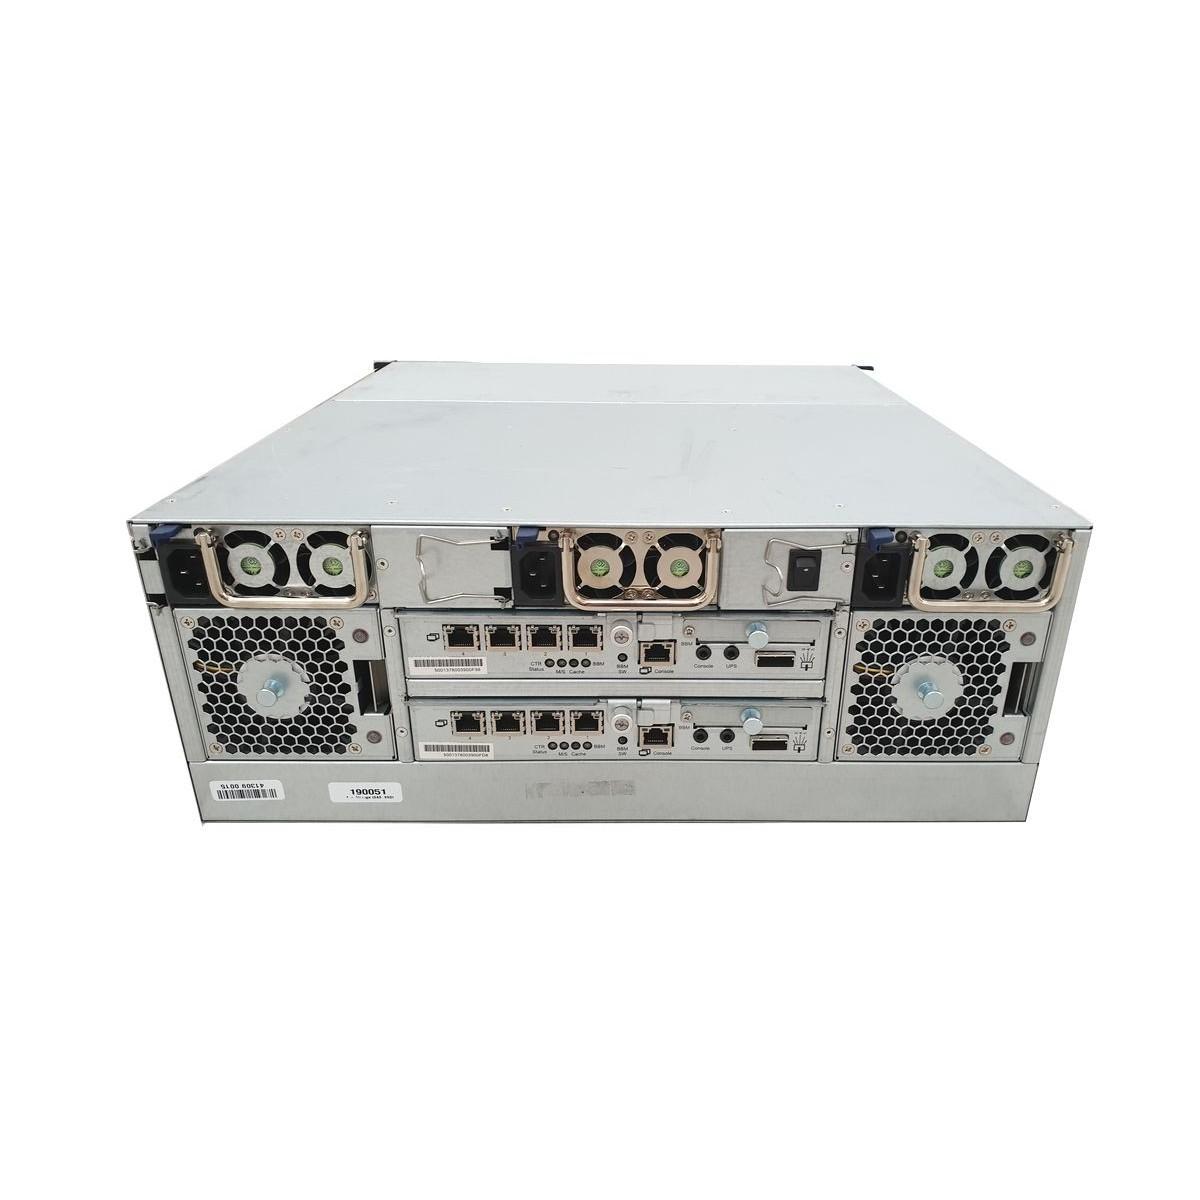 ATI RADEON VE 64MB AGP 4x/ 2xVGA/ TV OUT 4rv1a102